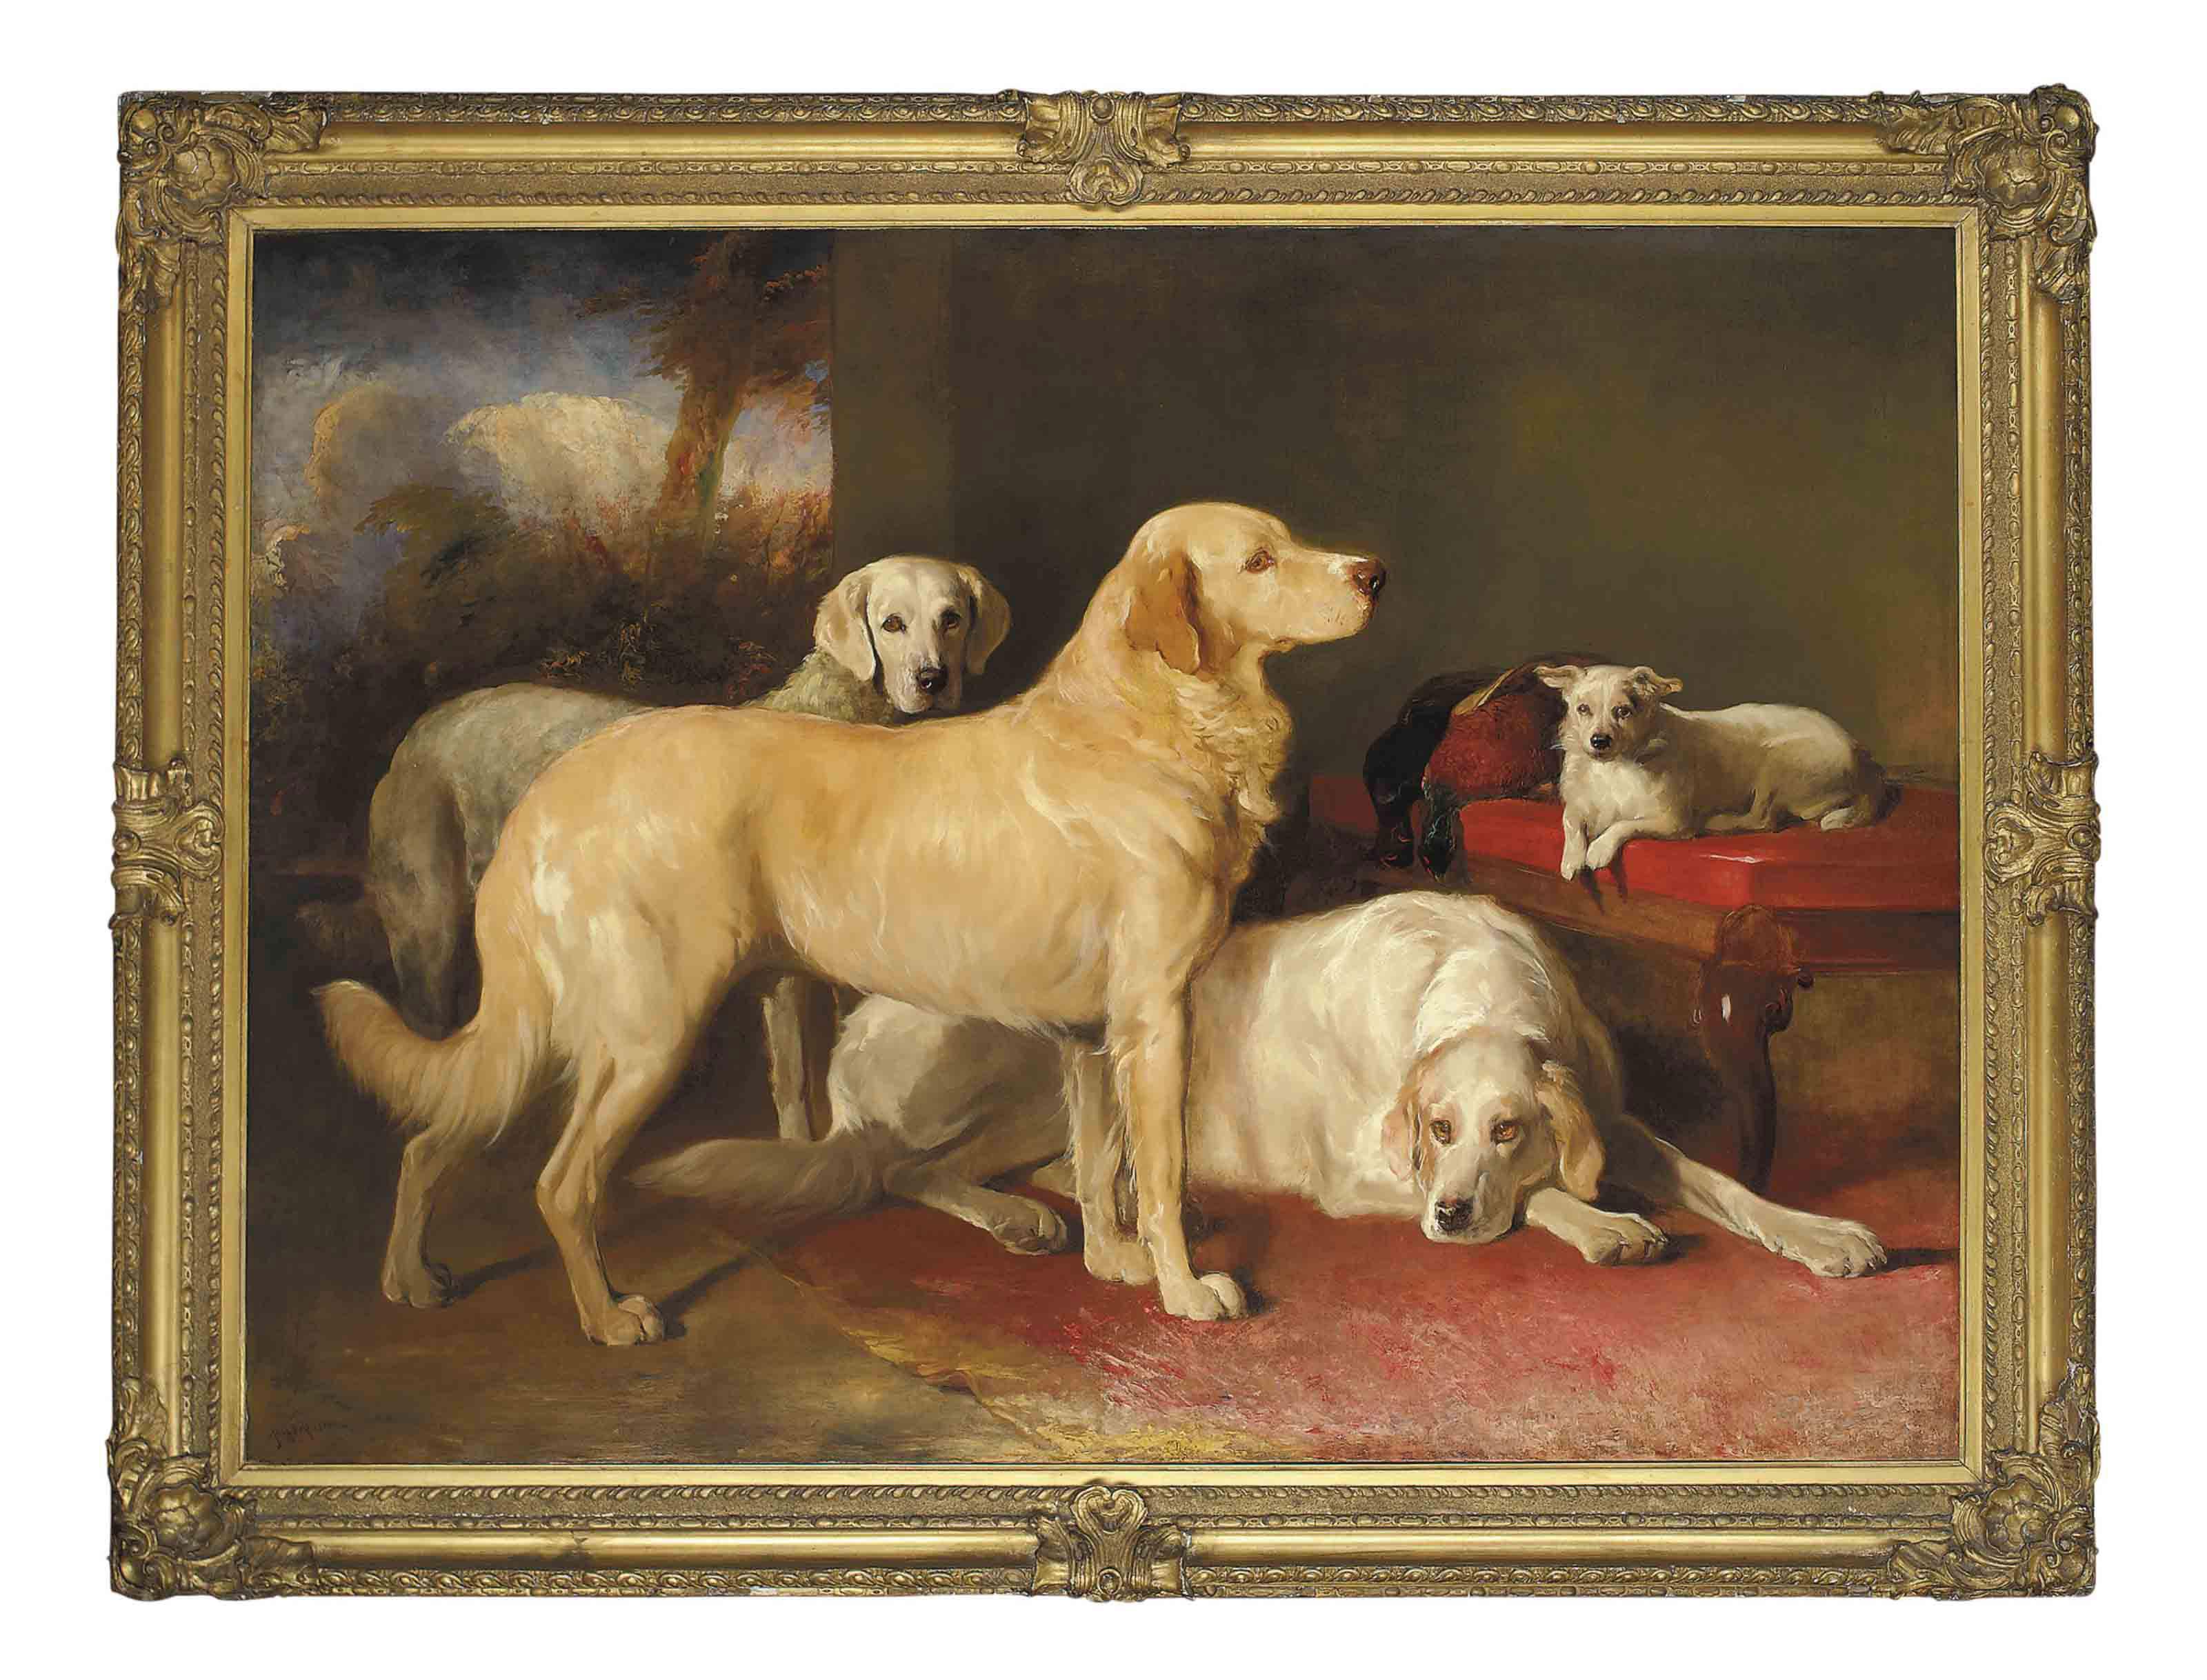 Golden retrievers and a terrier